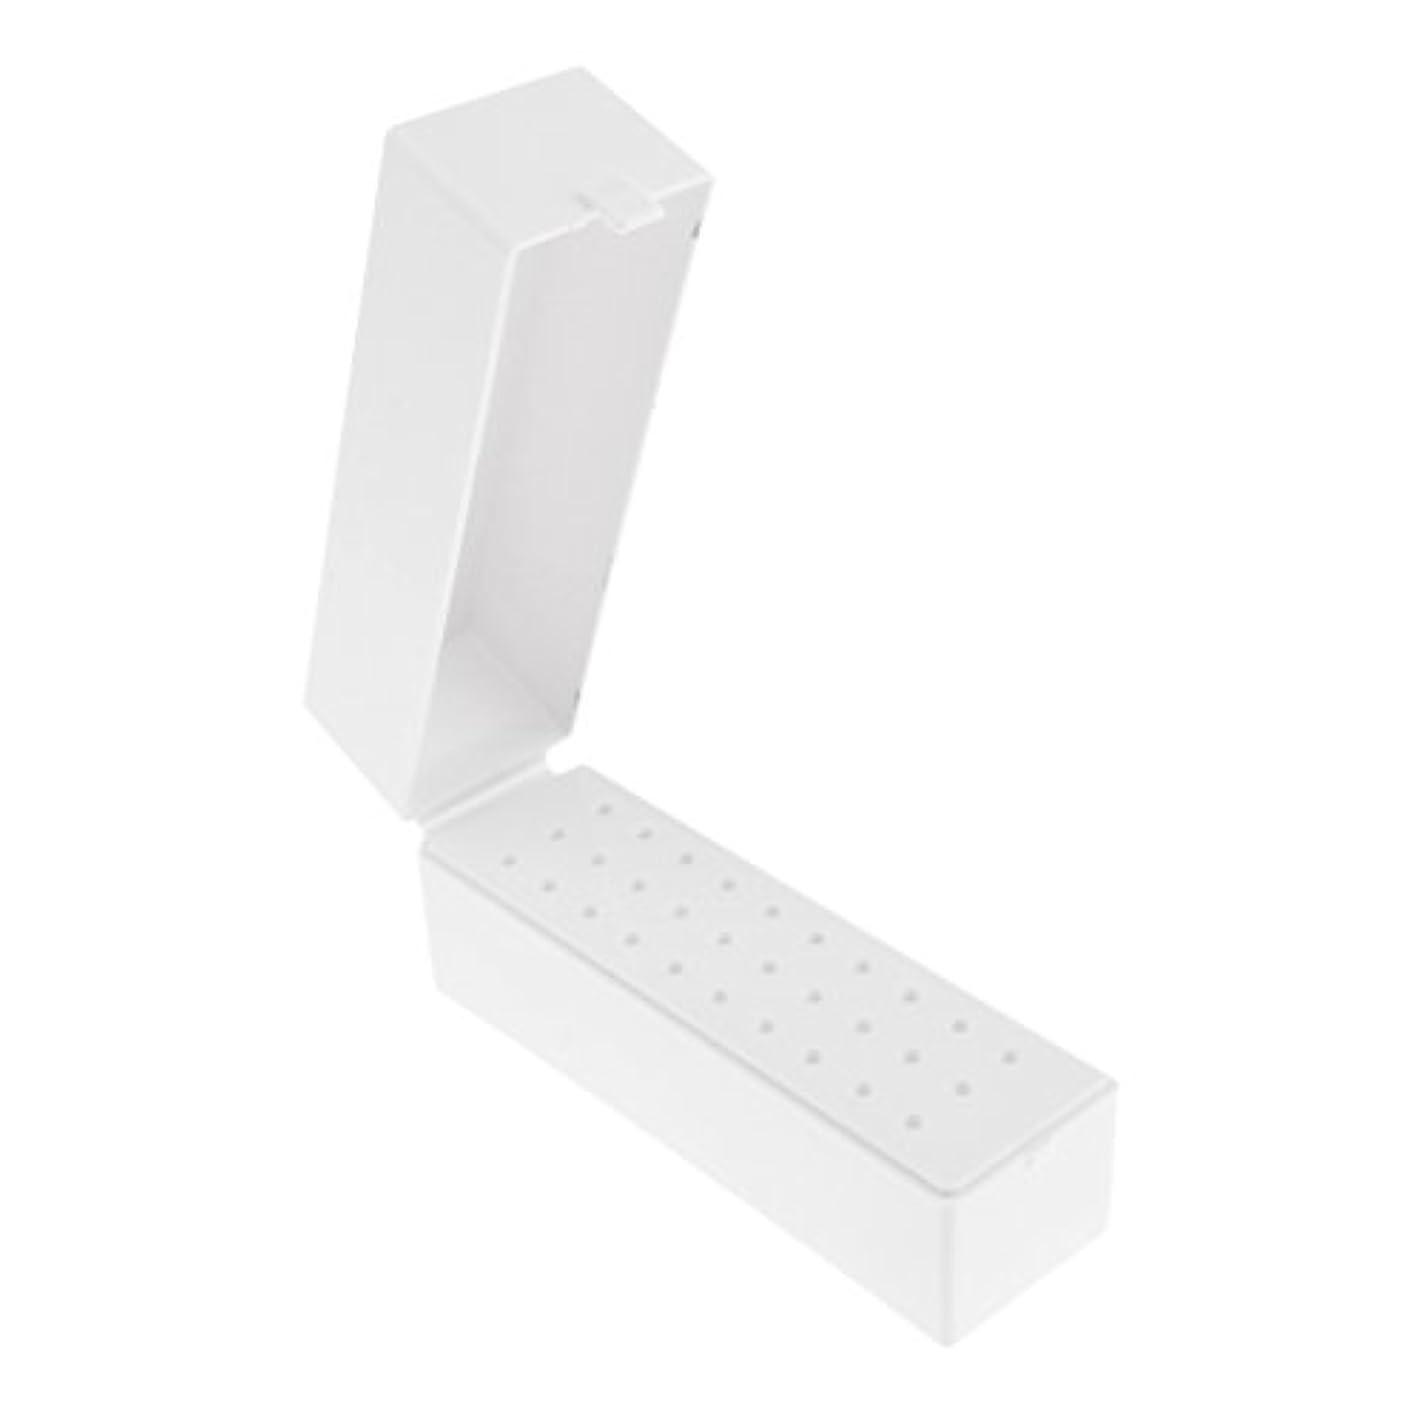 あなたはイーウェル対処する30穴プラスチックネイルアートツールボックスネイルドリルビットホルダー防塵スタンド収納オーガナイザー